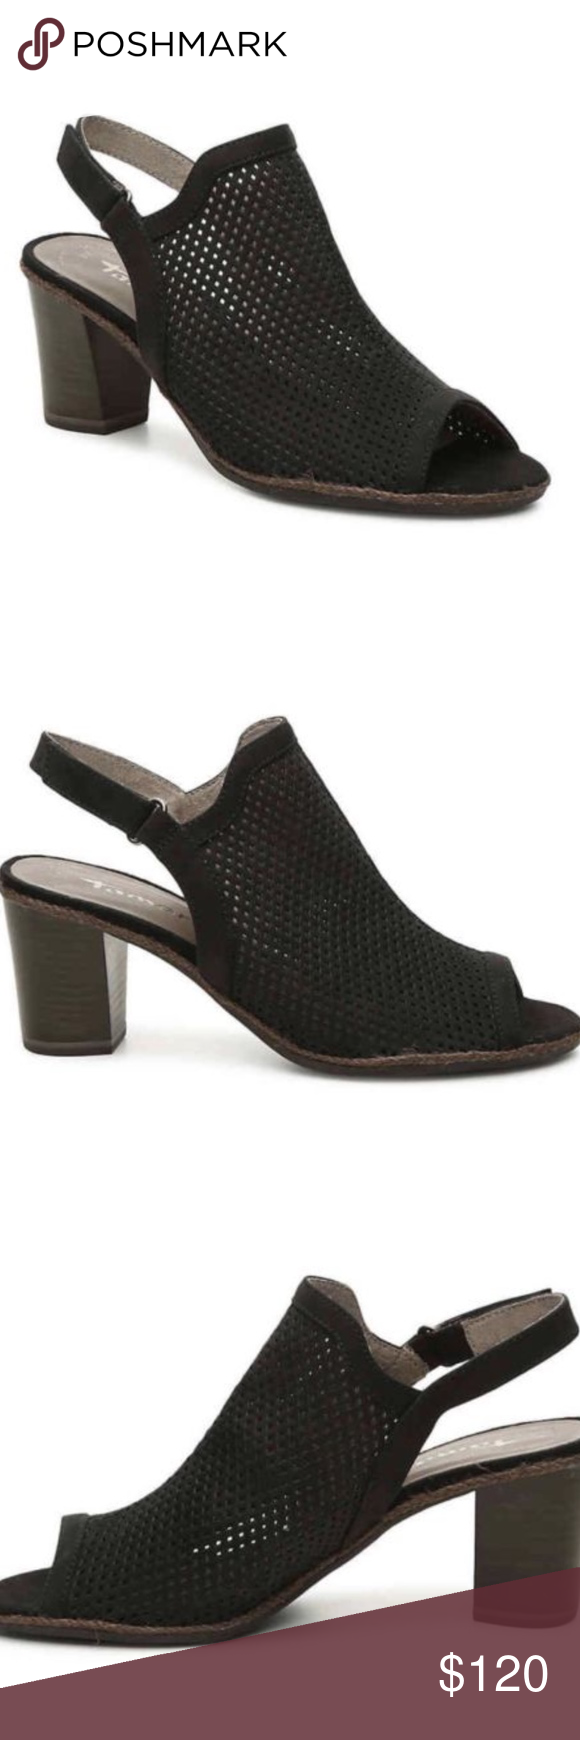 NEW Tamaris Women Wortmann Peeptoe Sandal Size 5.5 Tamaris